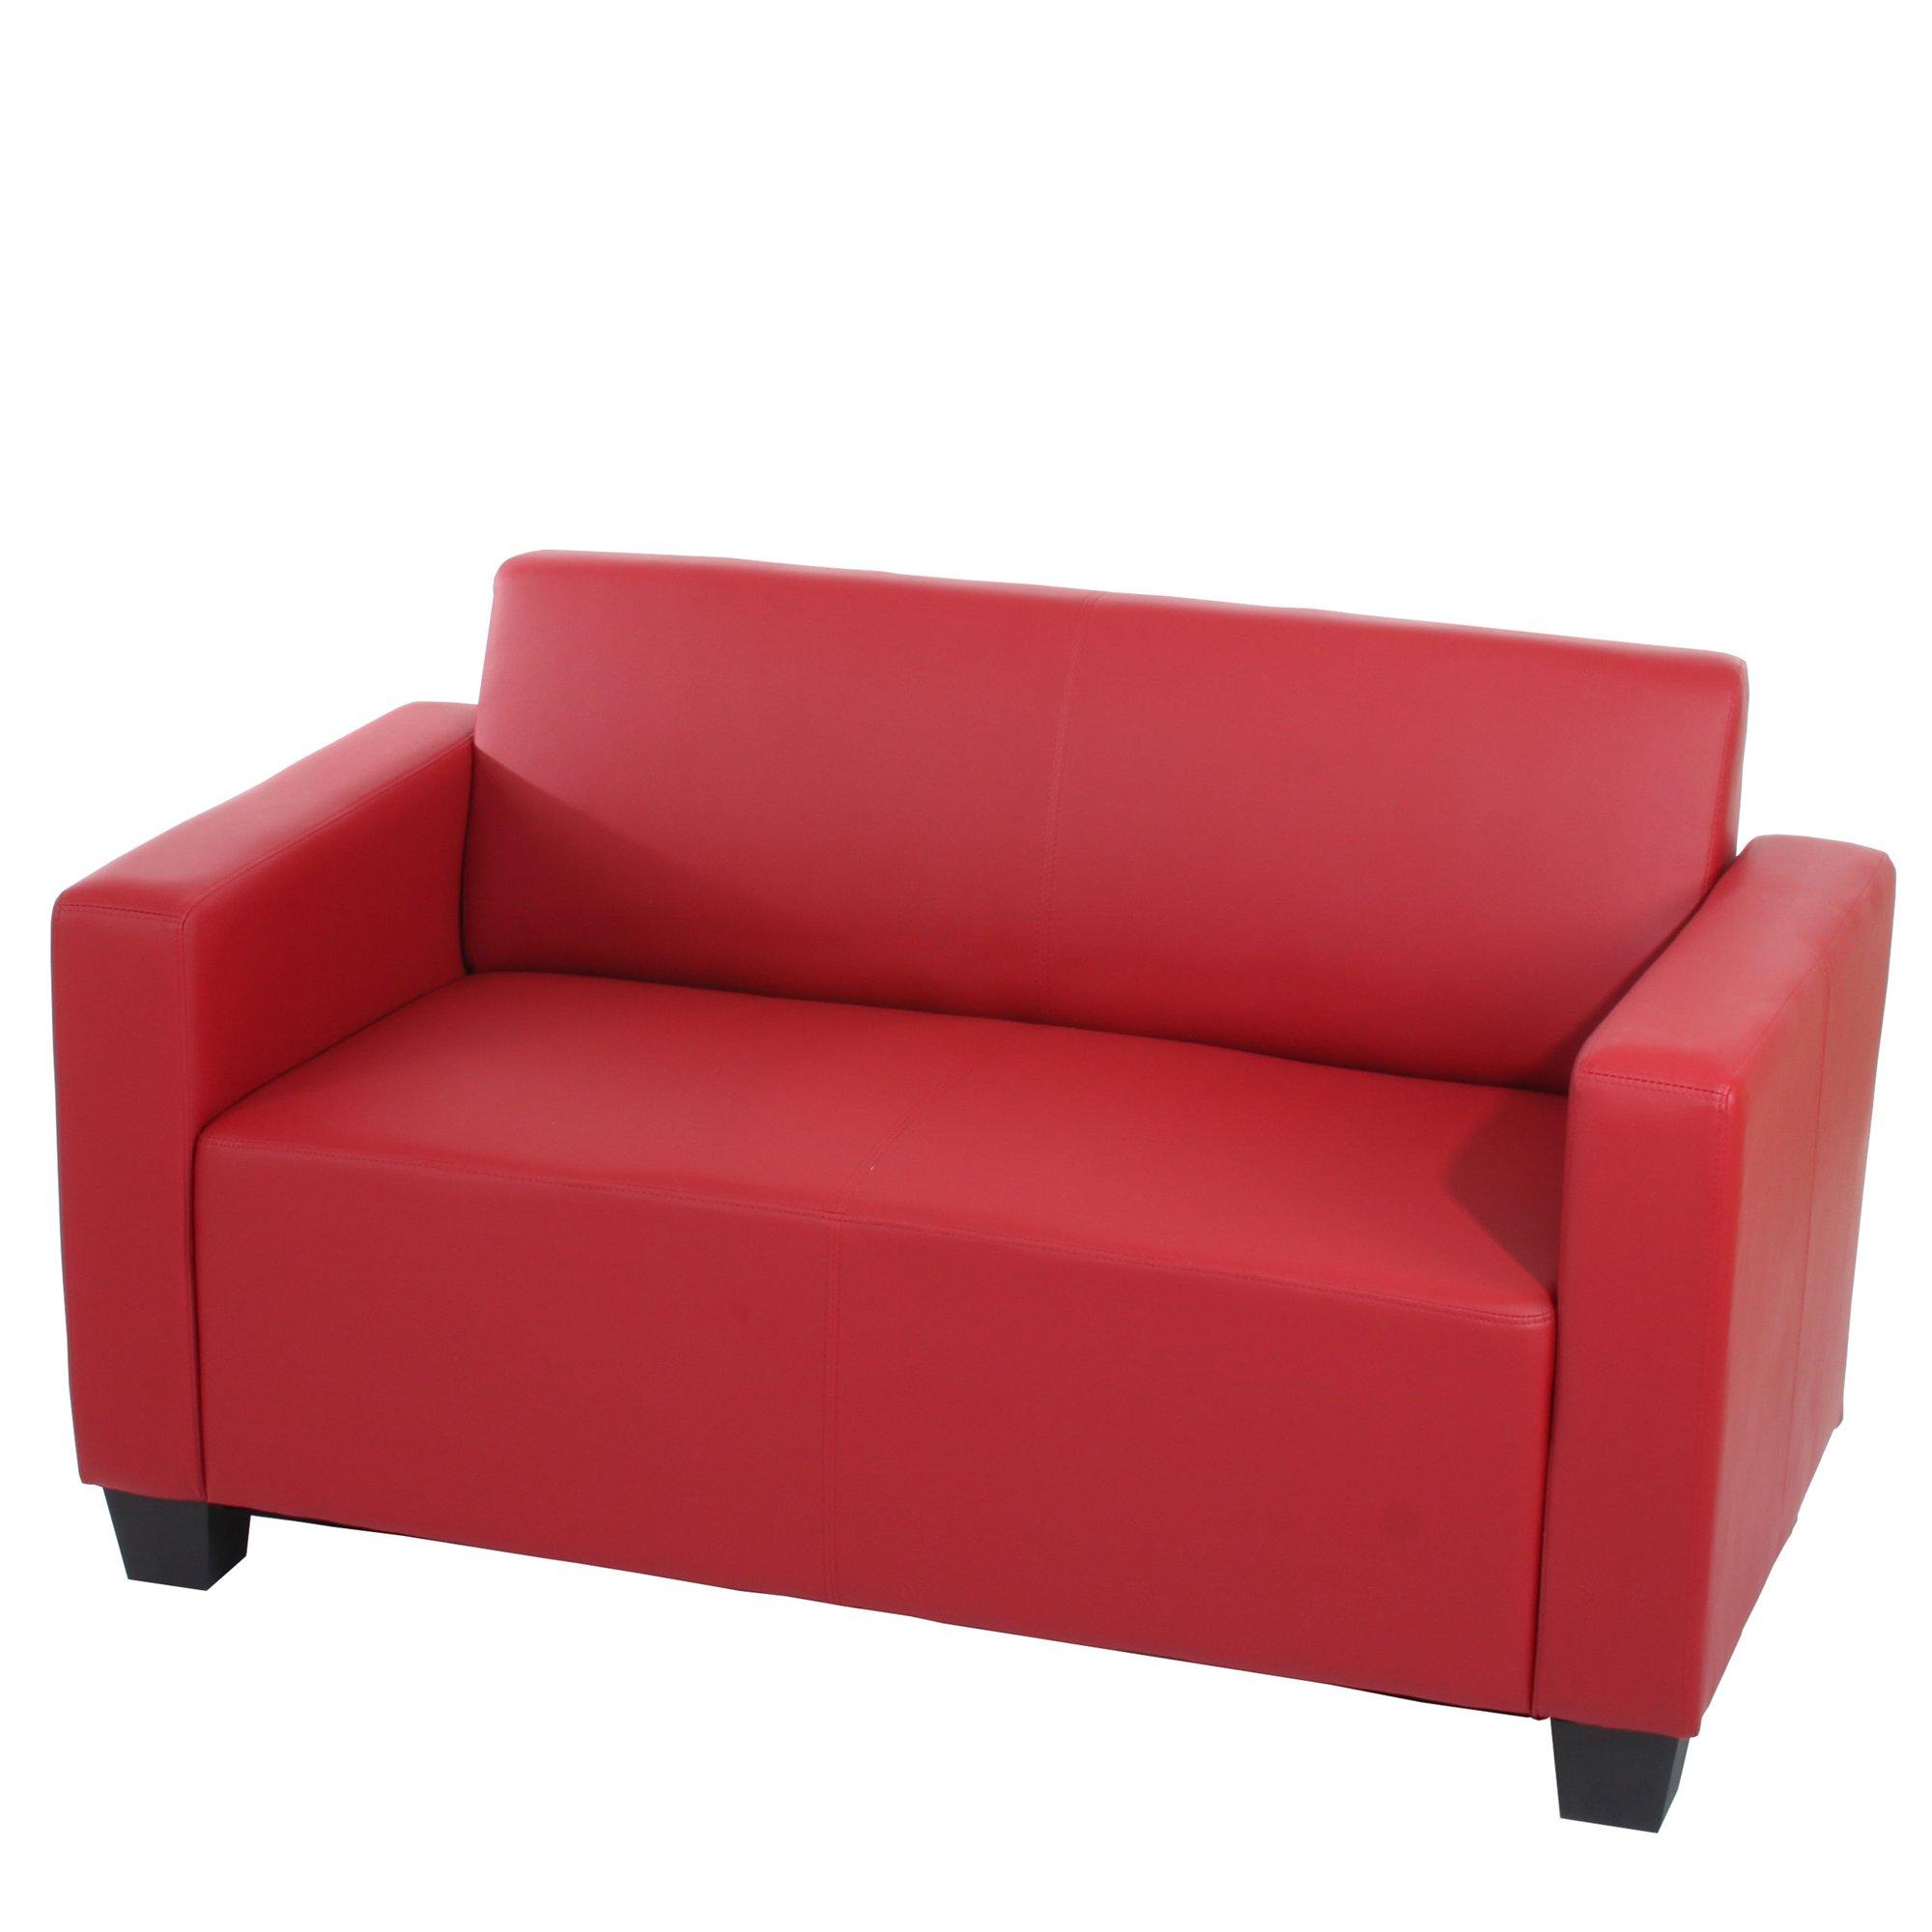 Sofa Modular Lyon De 2 Plazas Gran Acolchado Tapizado En